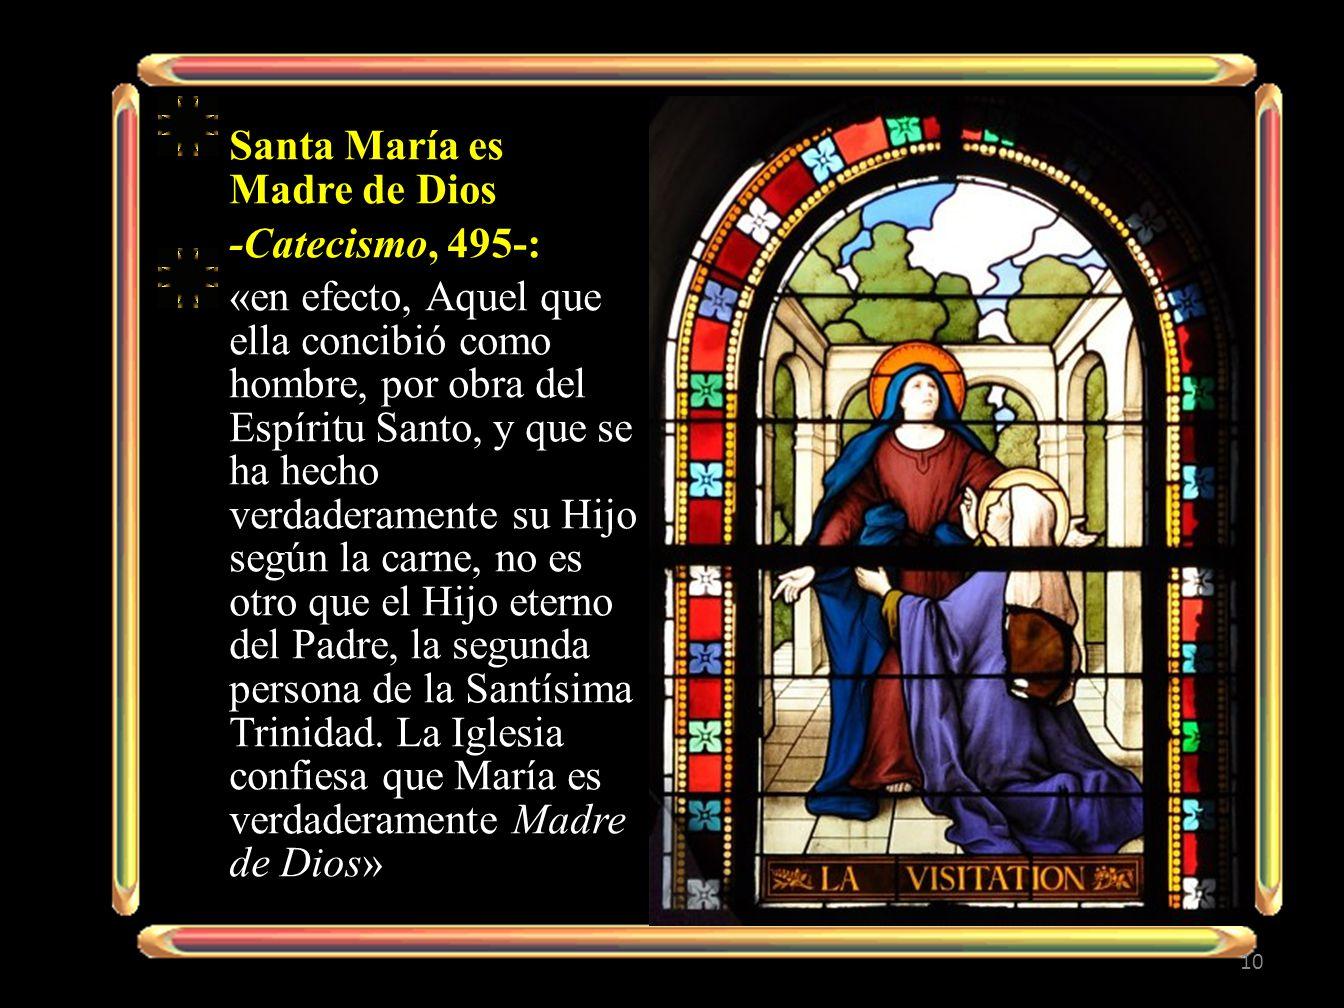 Santa María es Madre de Dios